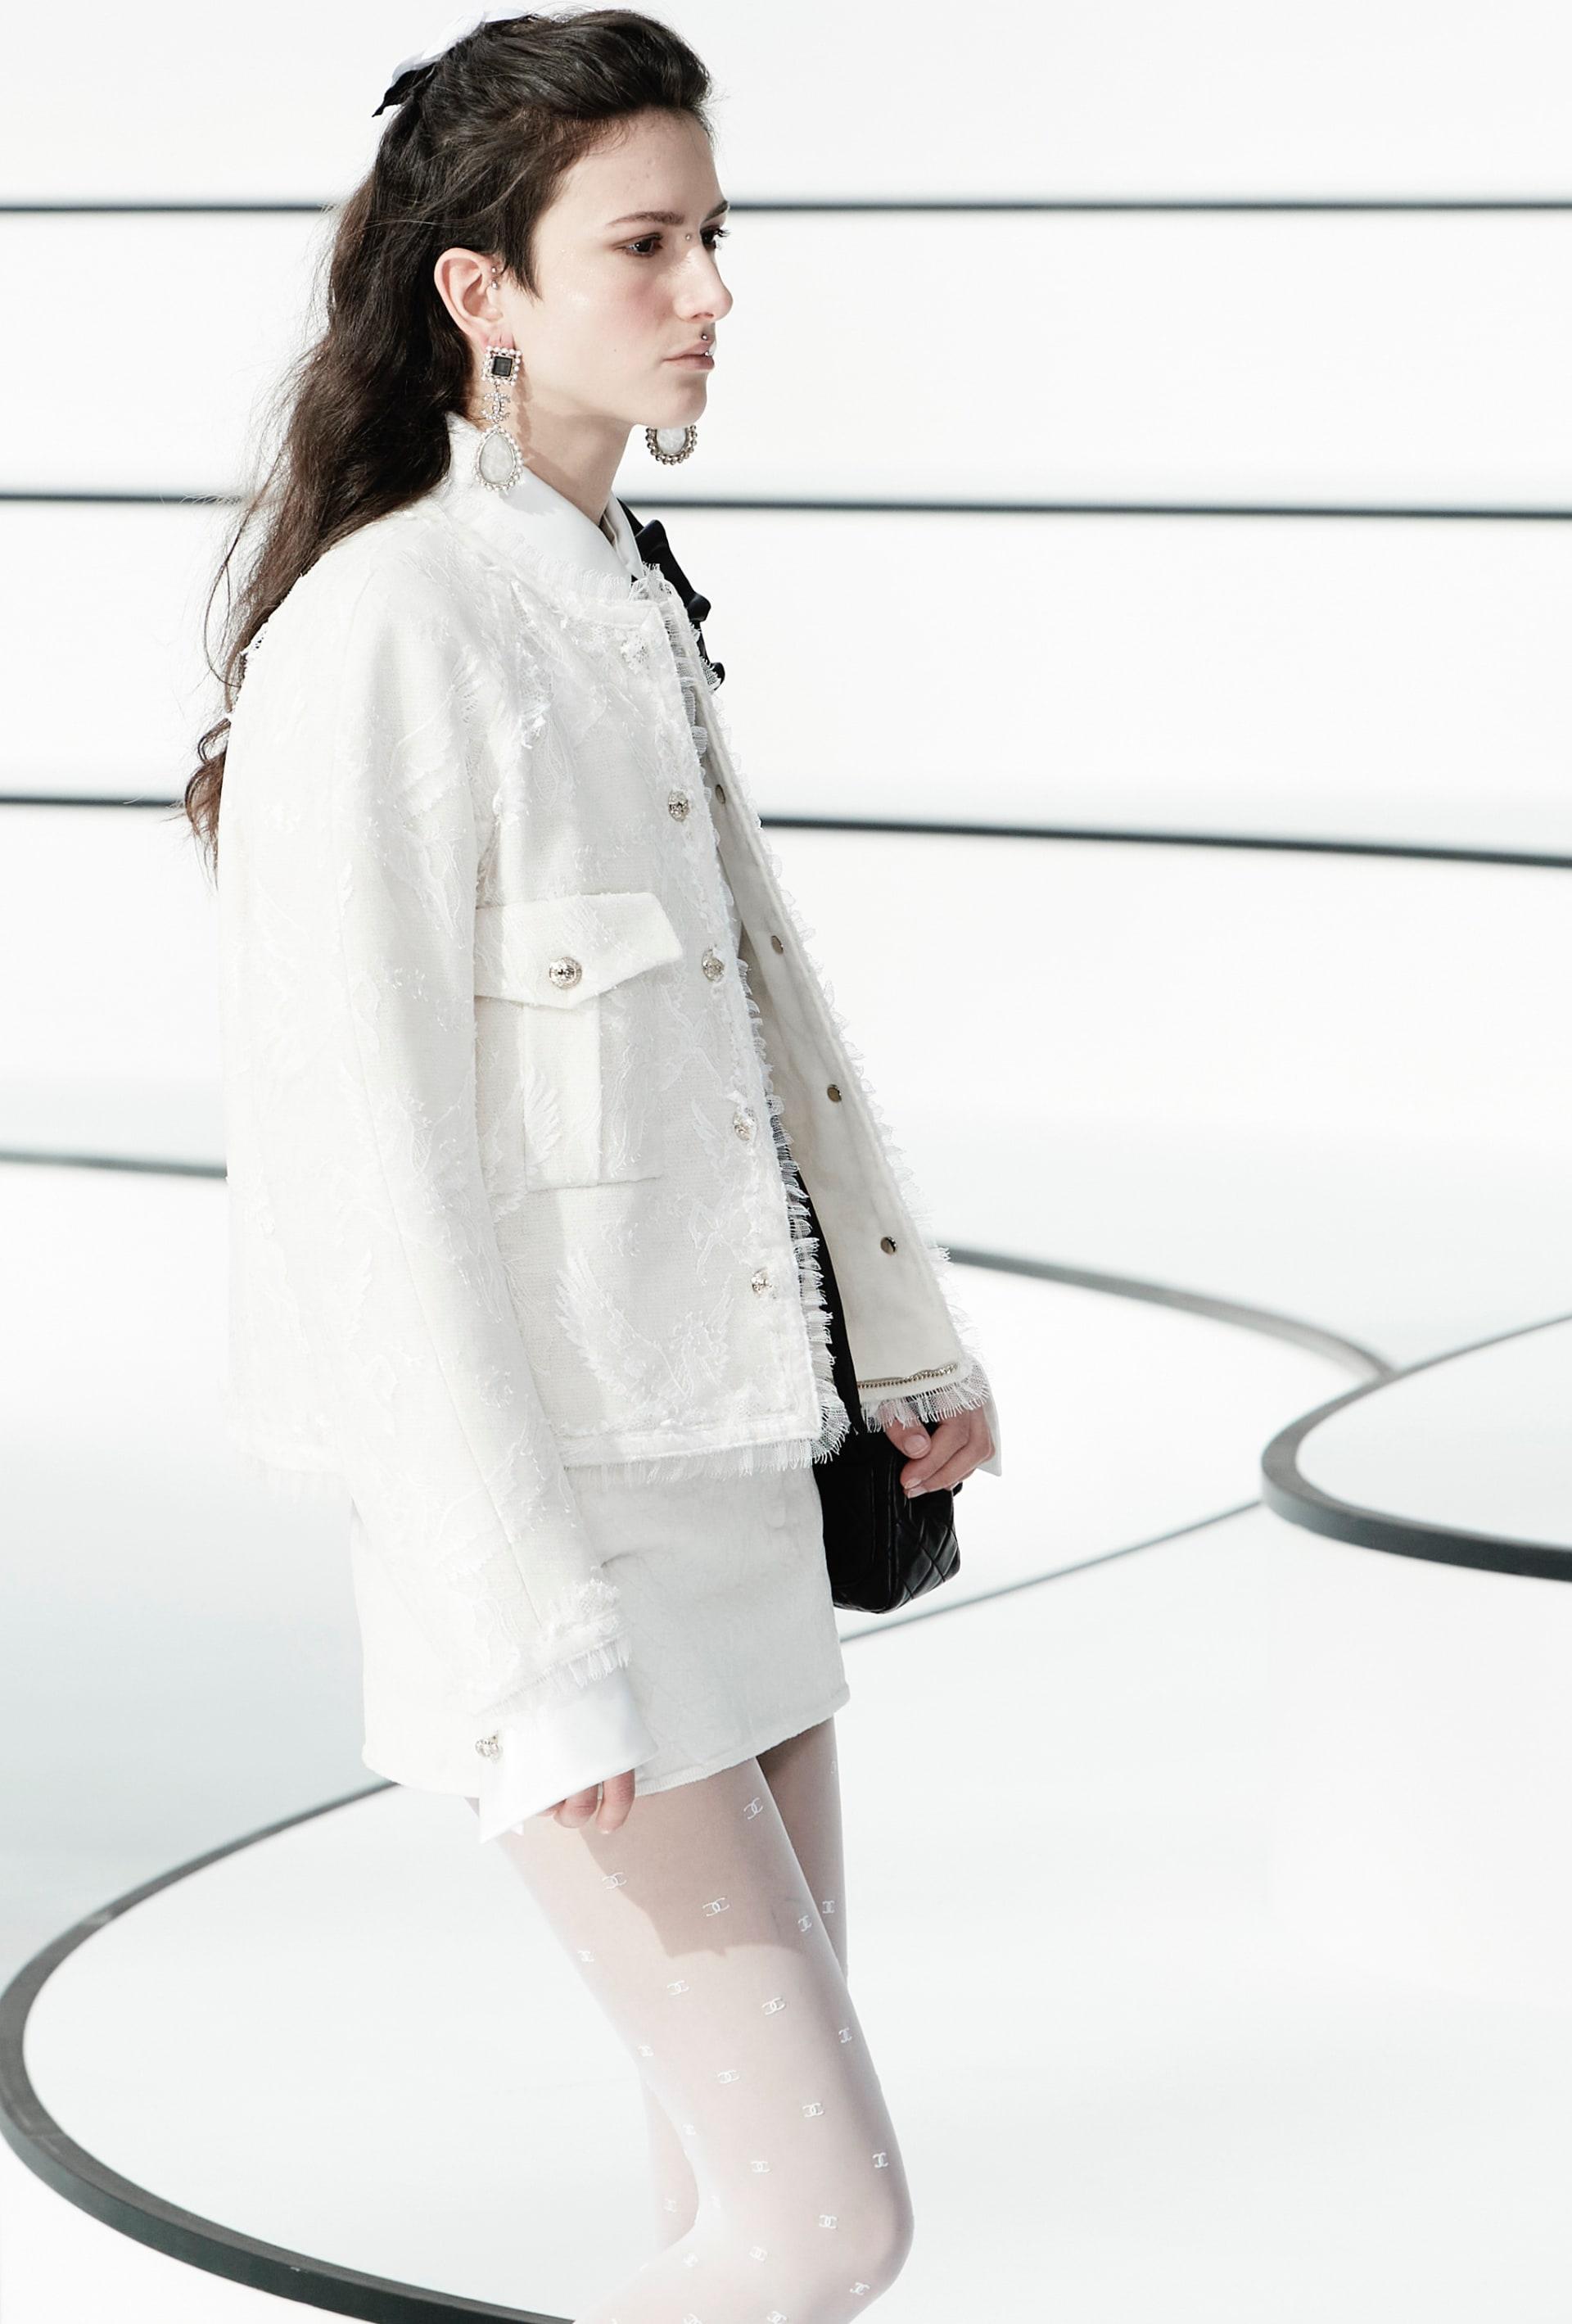 Imagen adicional 1 - Look  62 -  - Otoño-Invierno 2020/21